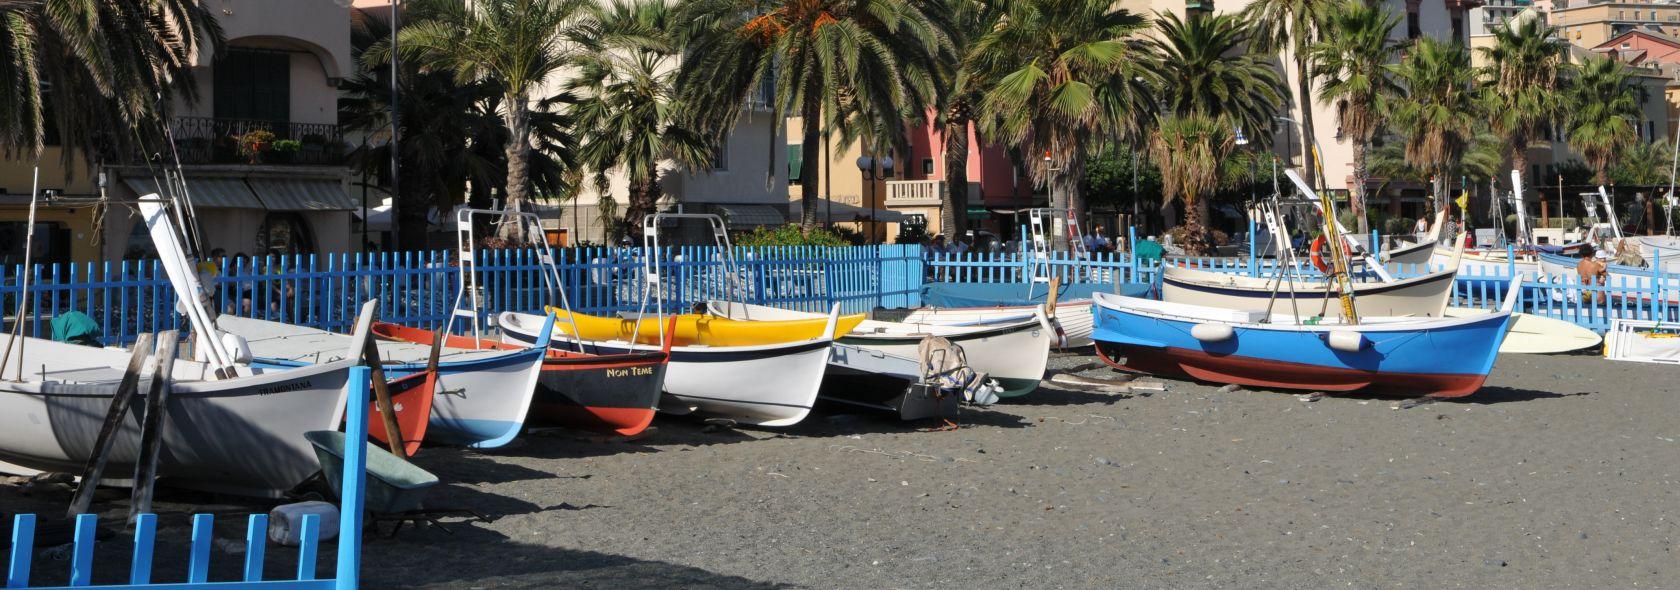 Cogoleto: passeggiata - Foto Ufficio Comunicazione Città Metropolitana di Genova